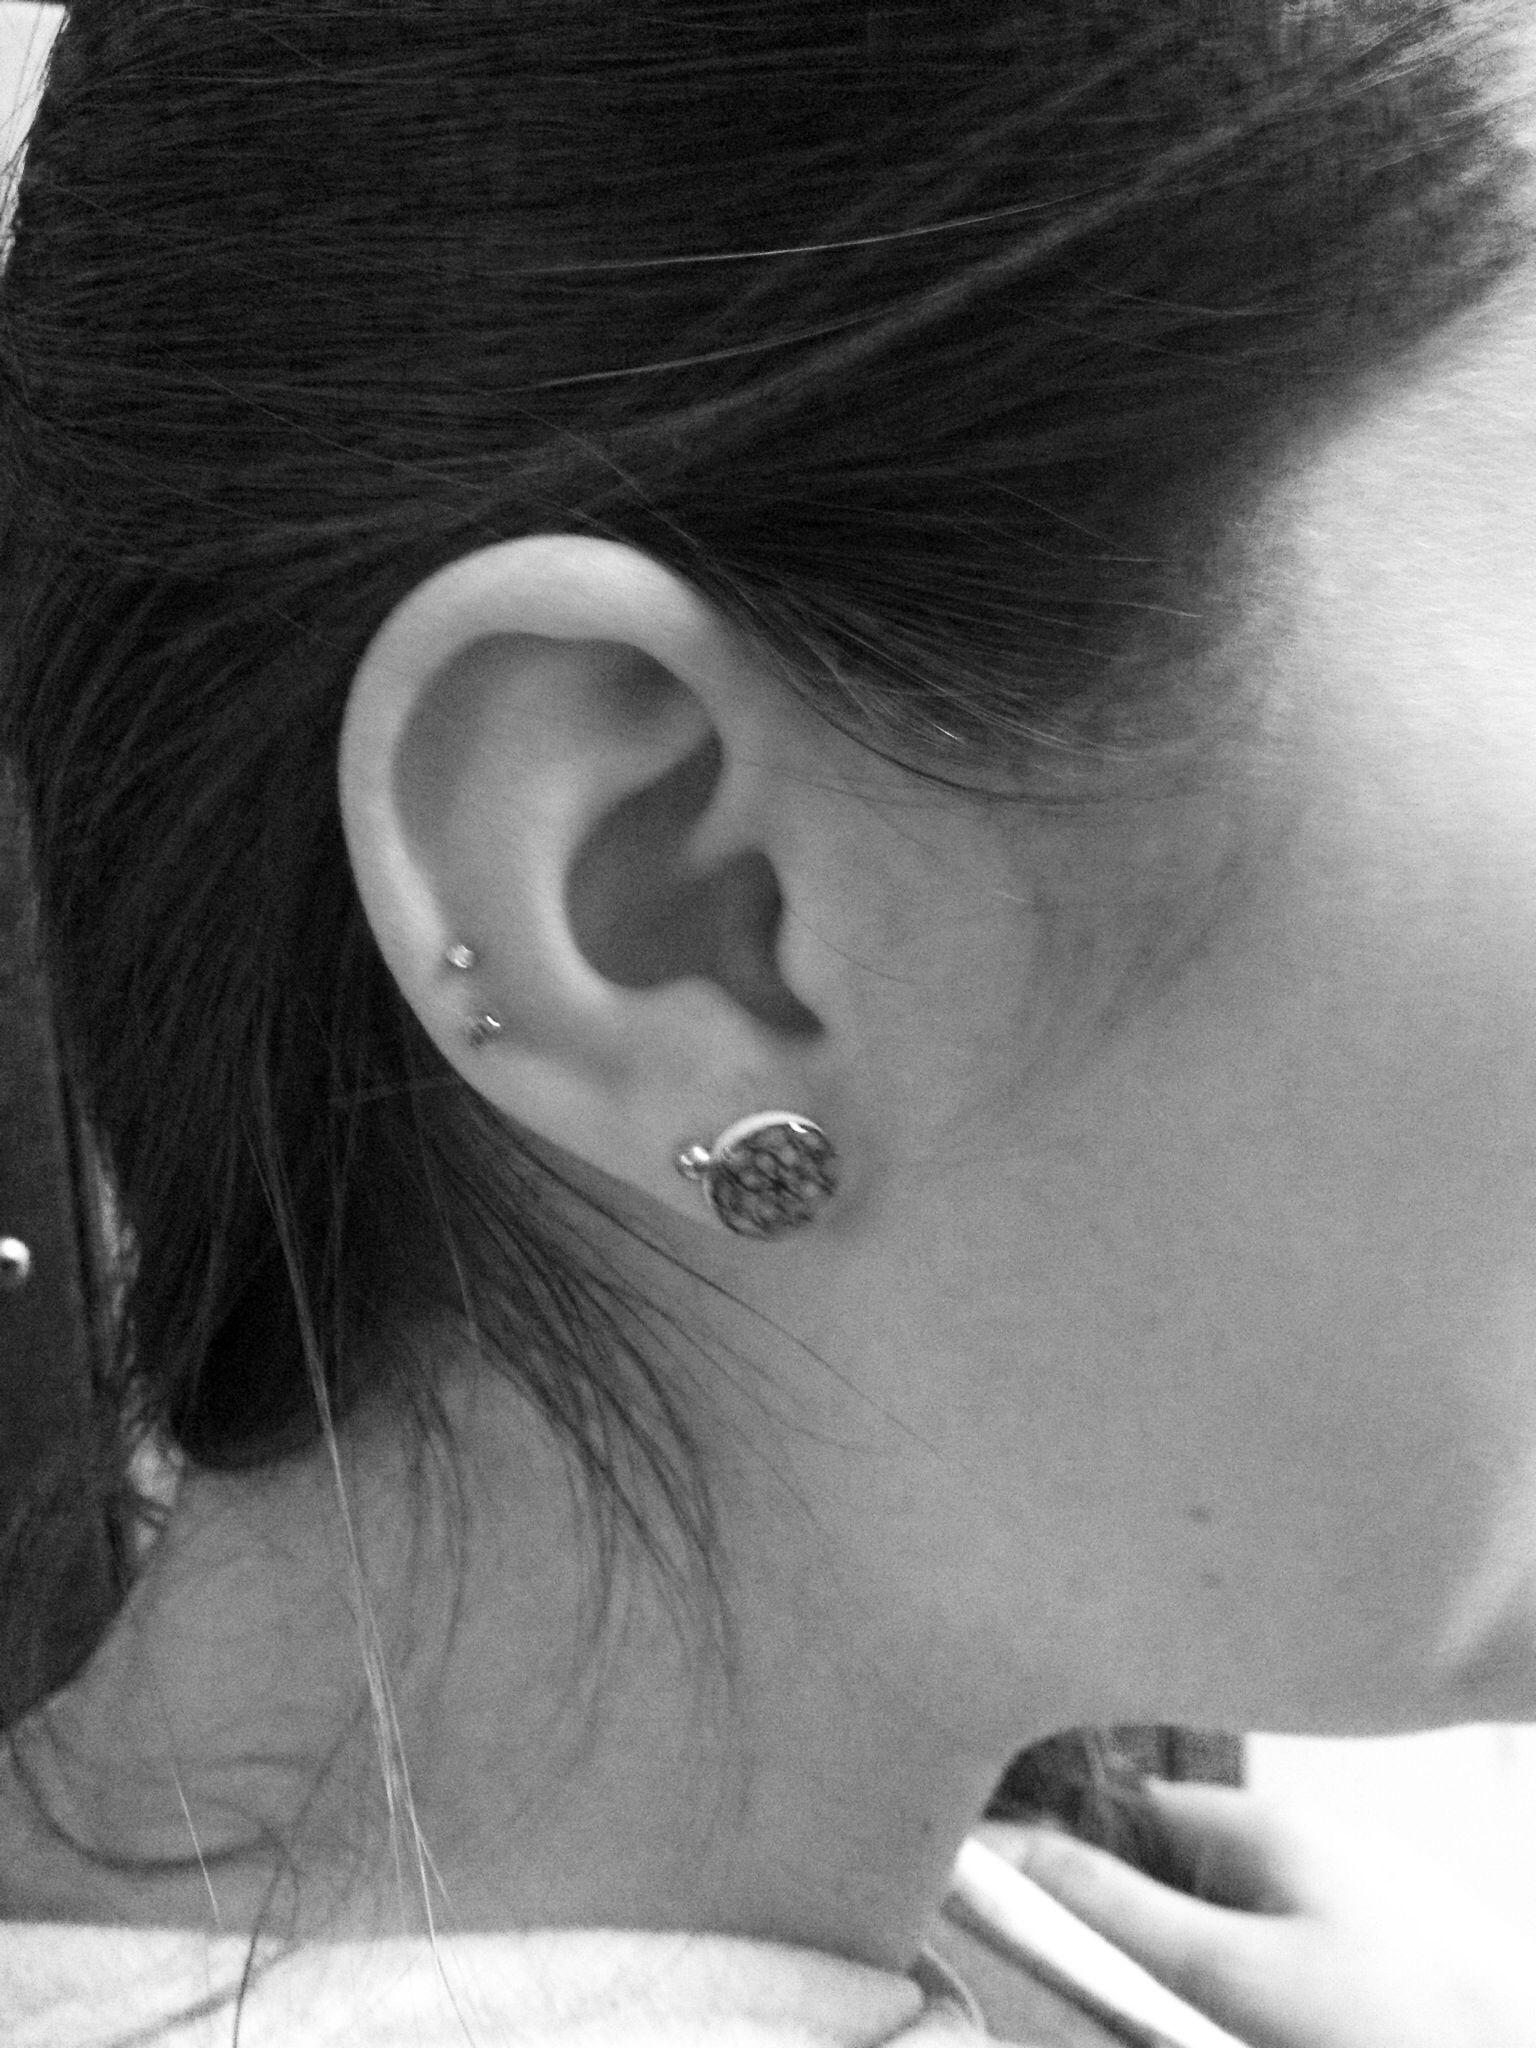 Pretty nose piercing  Ear piercing  Tattoos u Piercings  Pinterest  Ear piercing